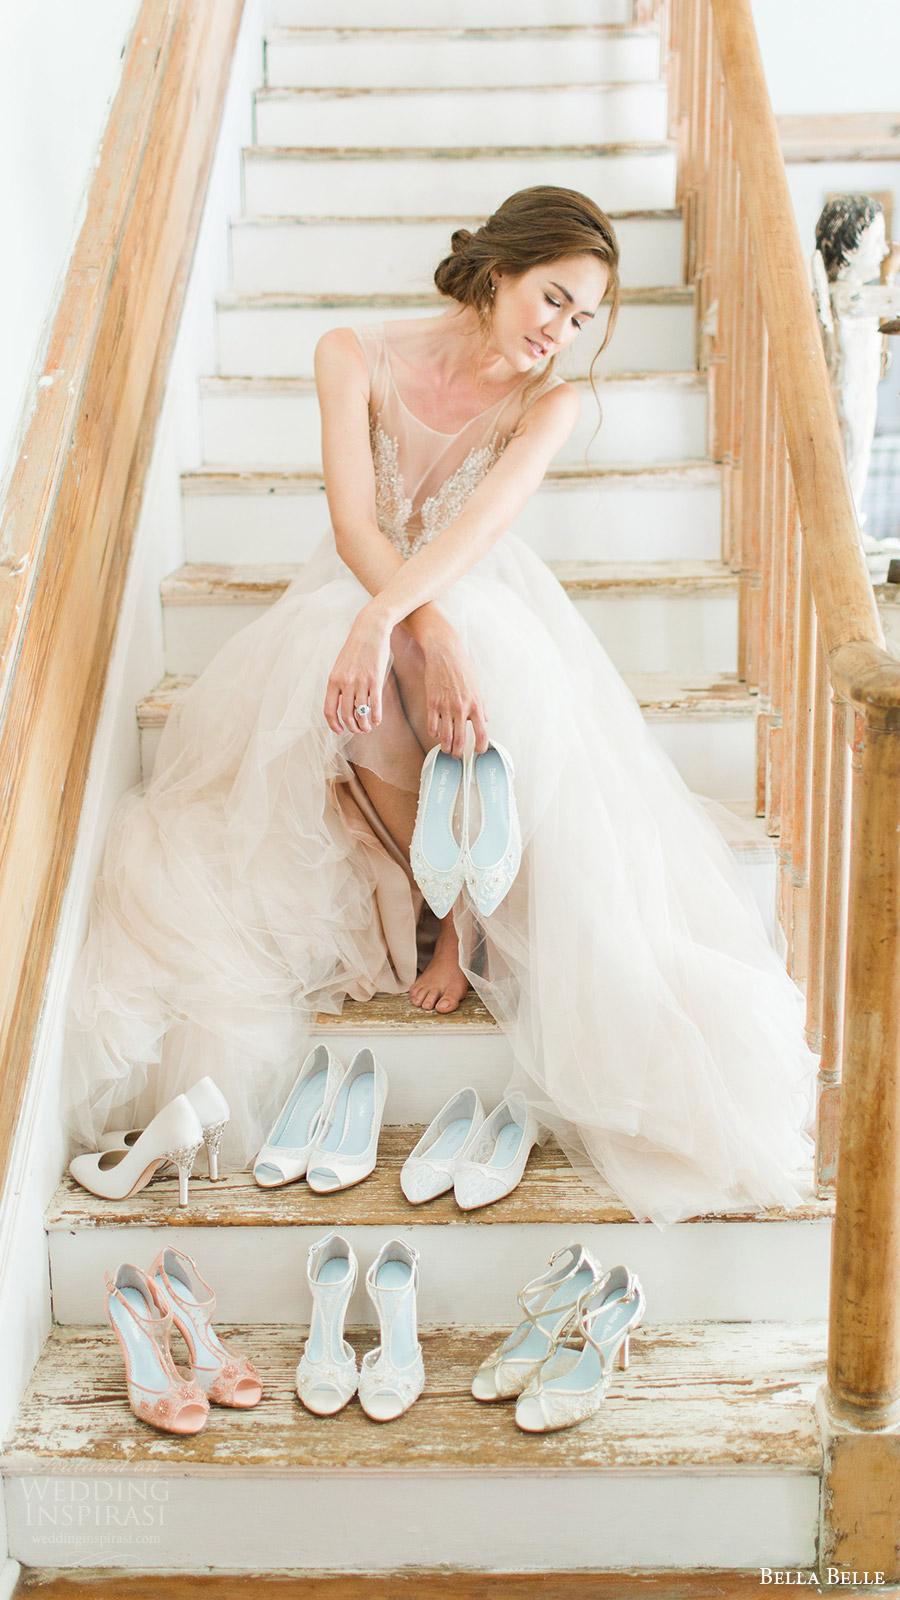 zapatos belle bella 2016 lookbook eterna rachel puede fotografía watters Wtoo vestido